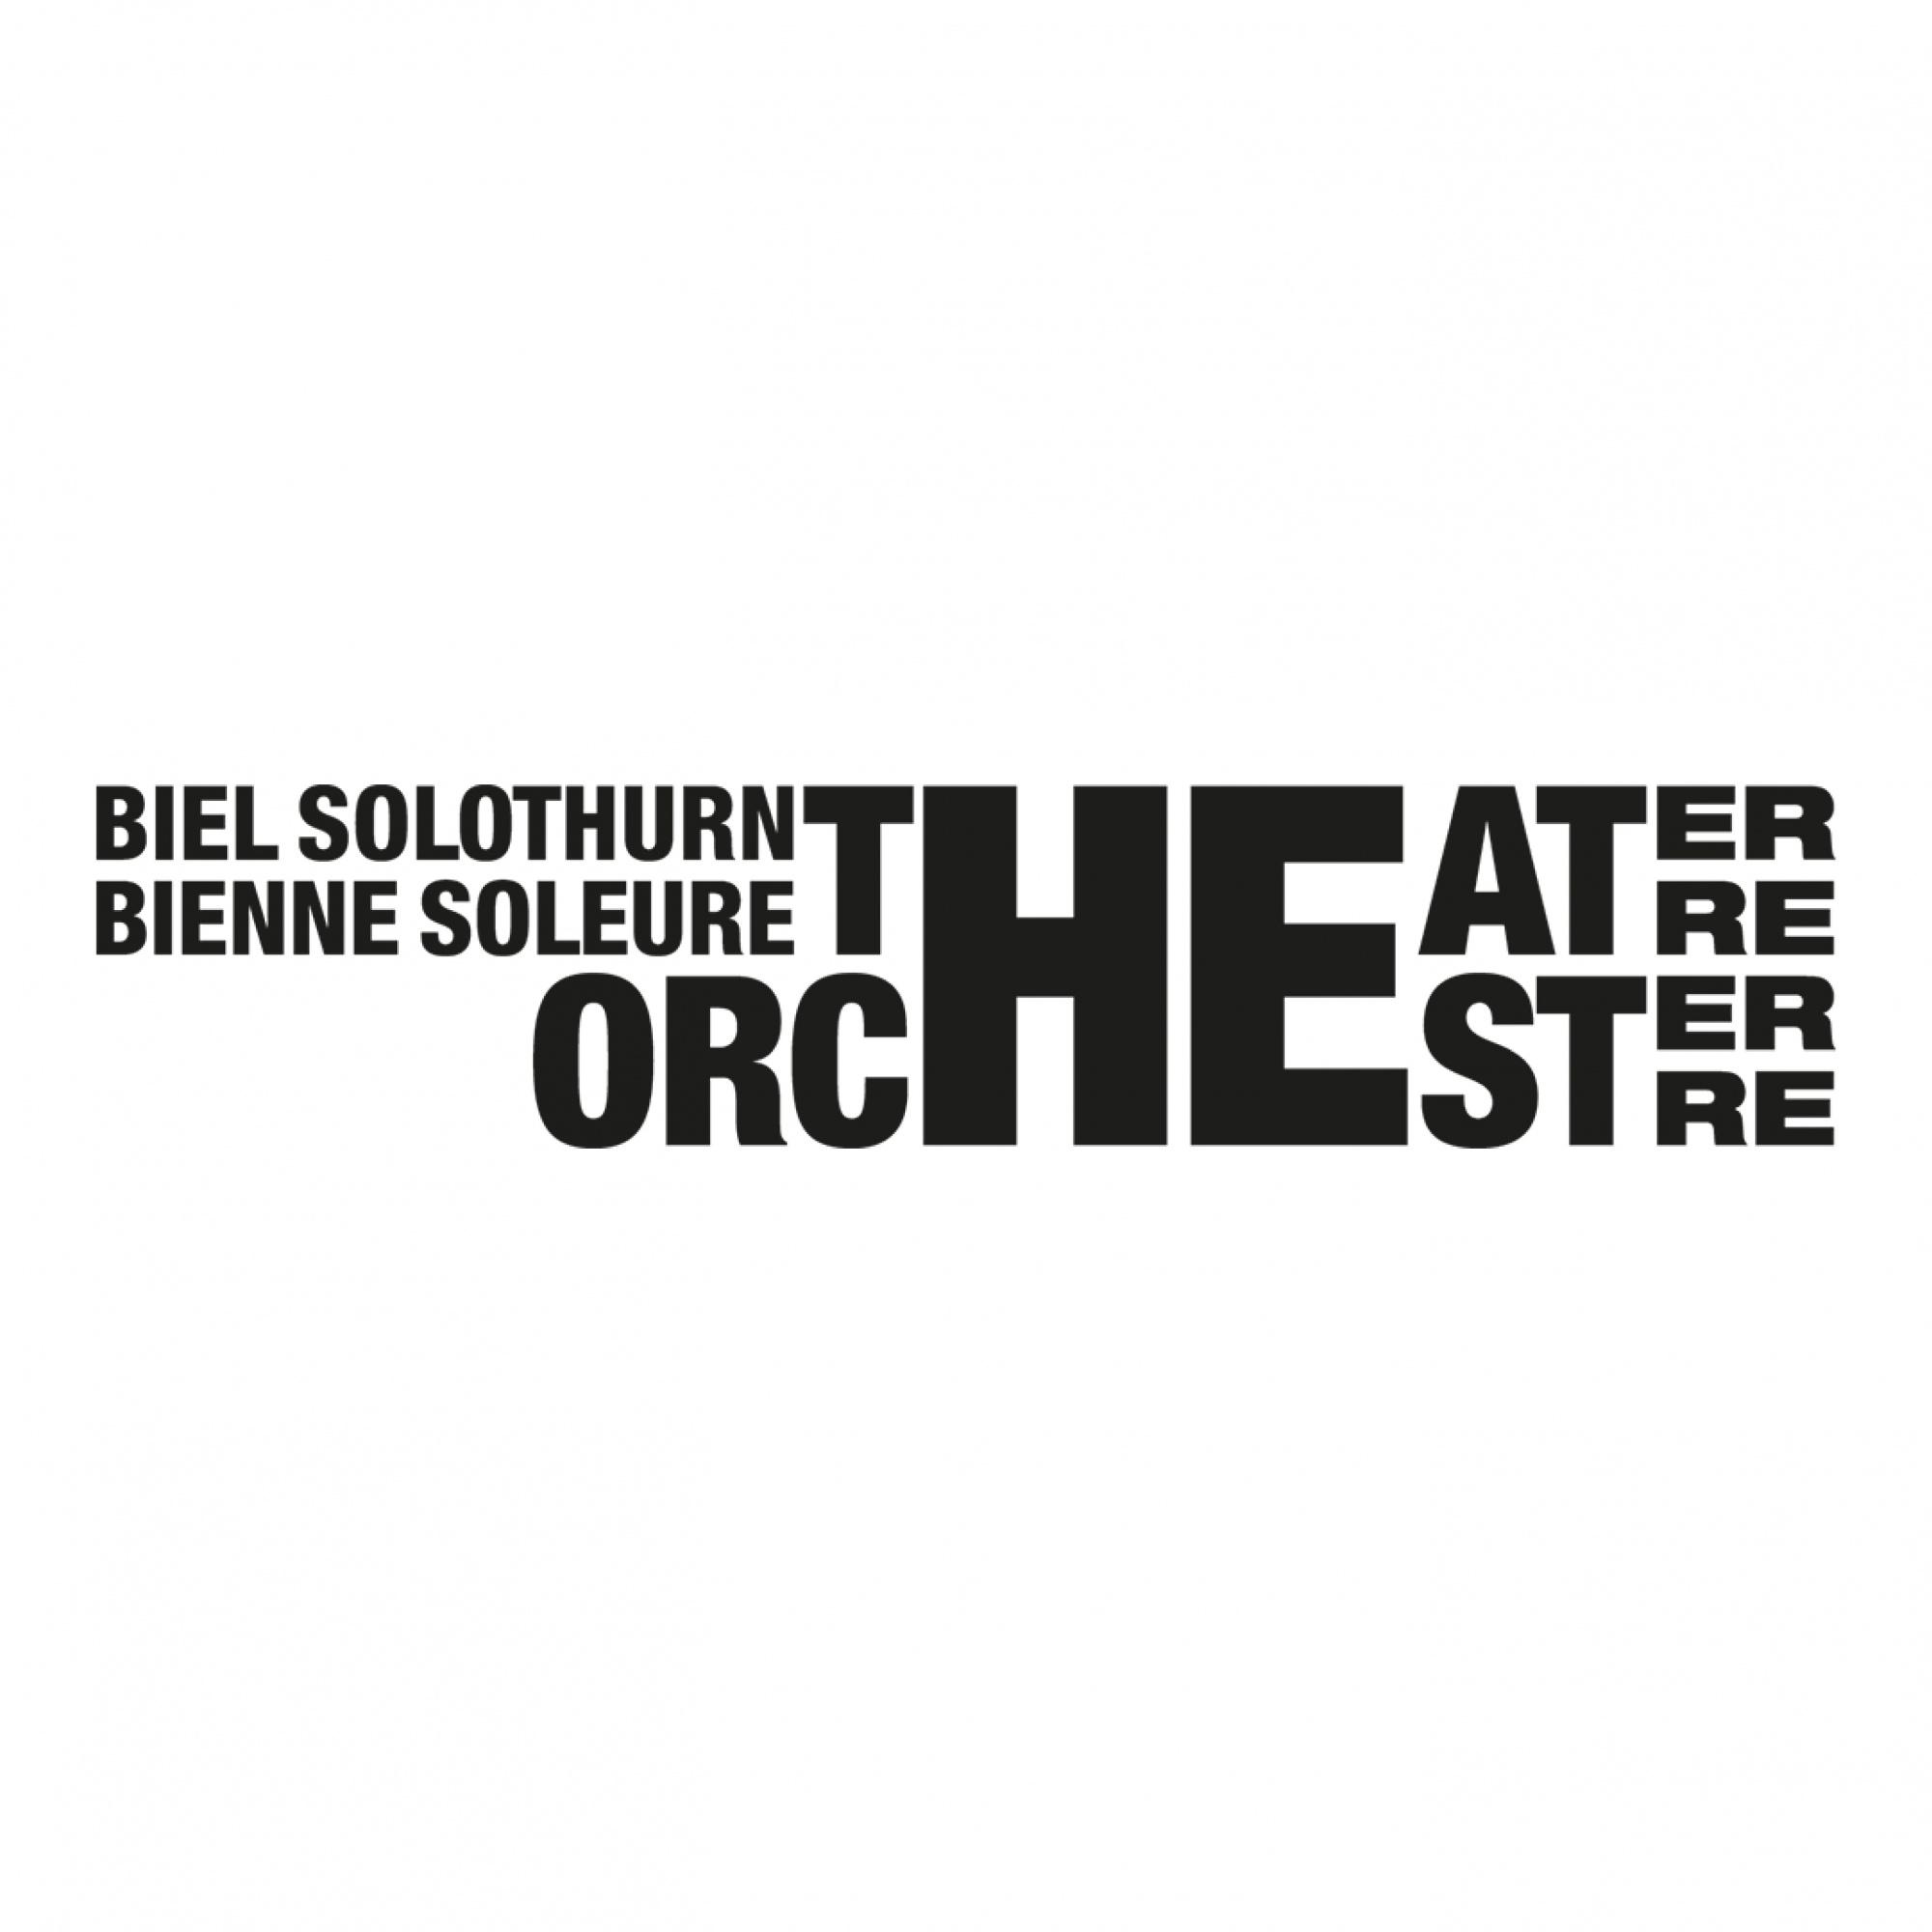 DO 02.09. SINFONIE ORCHESTER BIEL SOLOTHURN KIESOFENHALLE